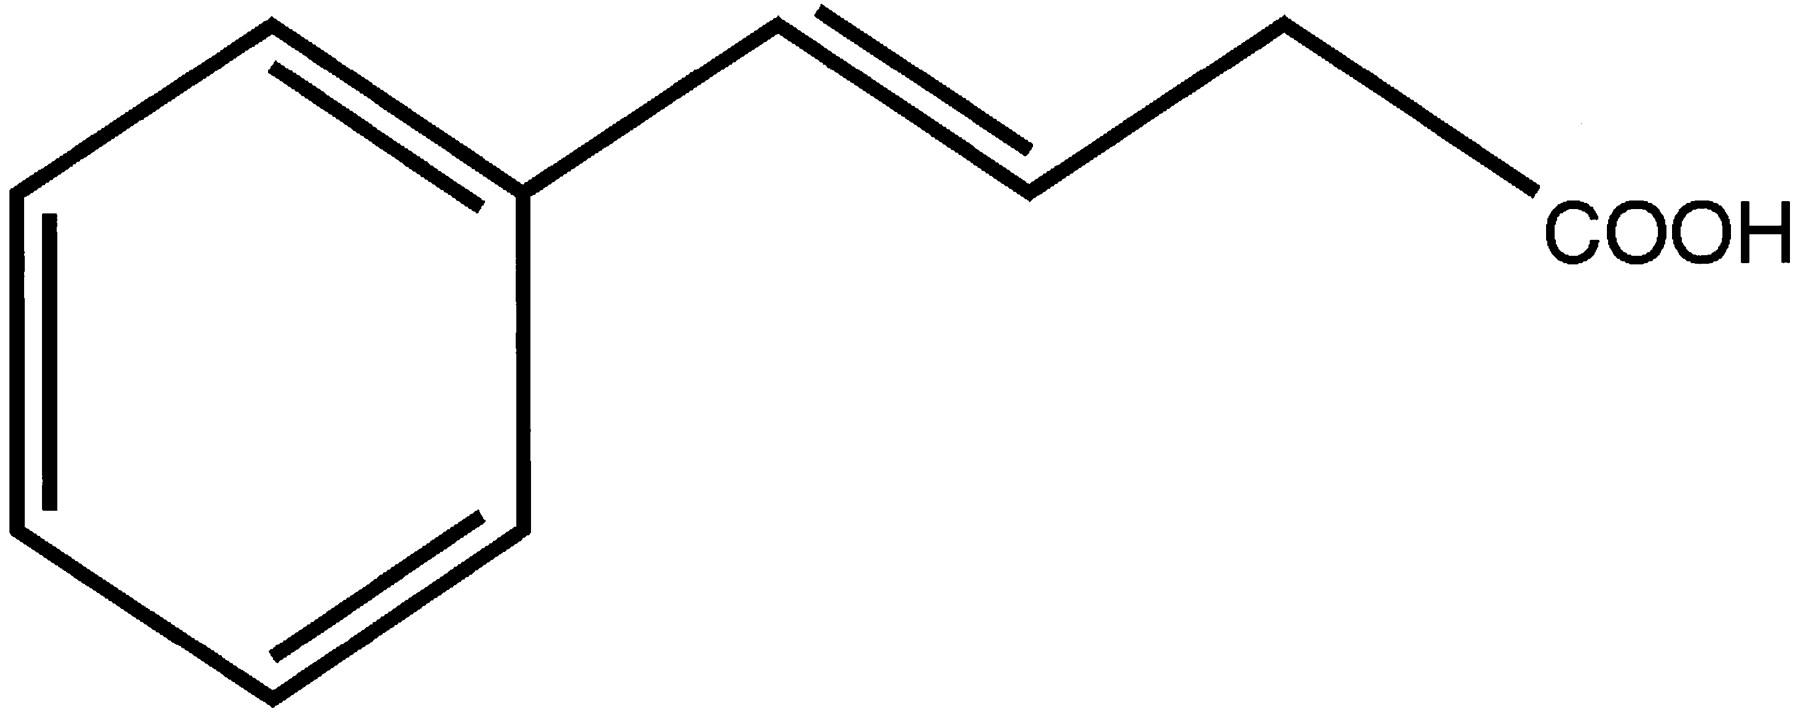 Peptidylglycine alpha-amidating monooxygenase reaction